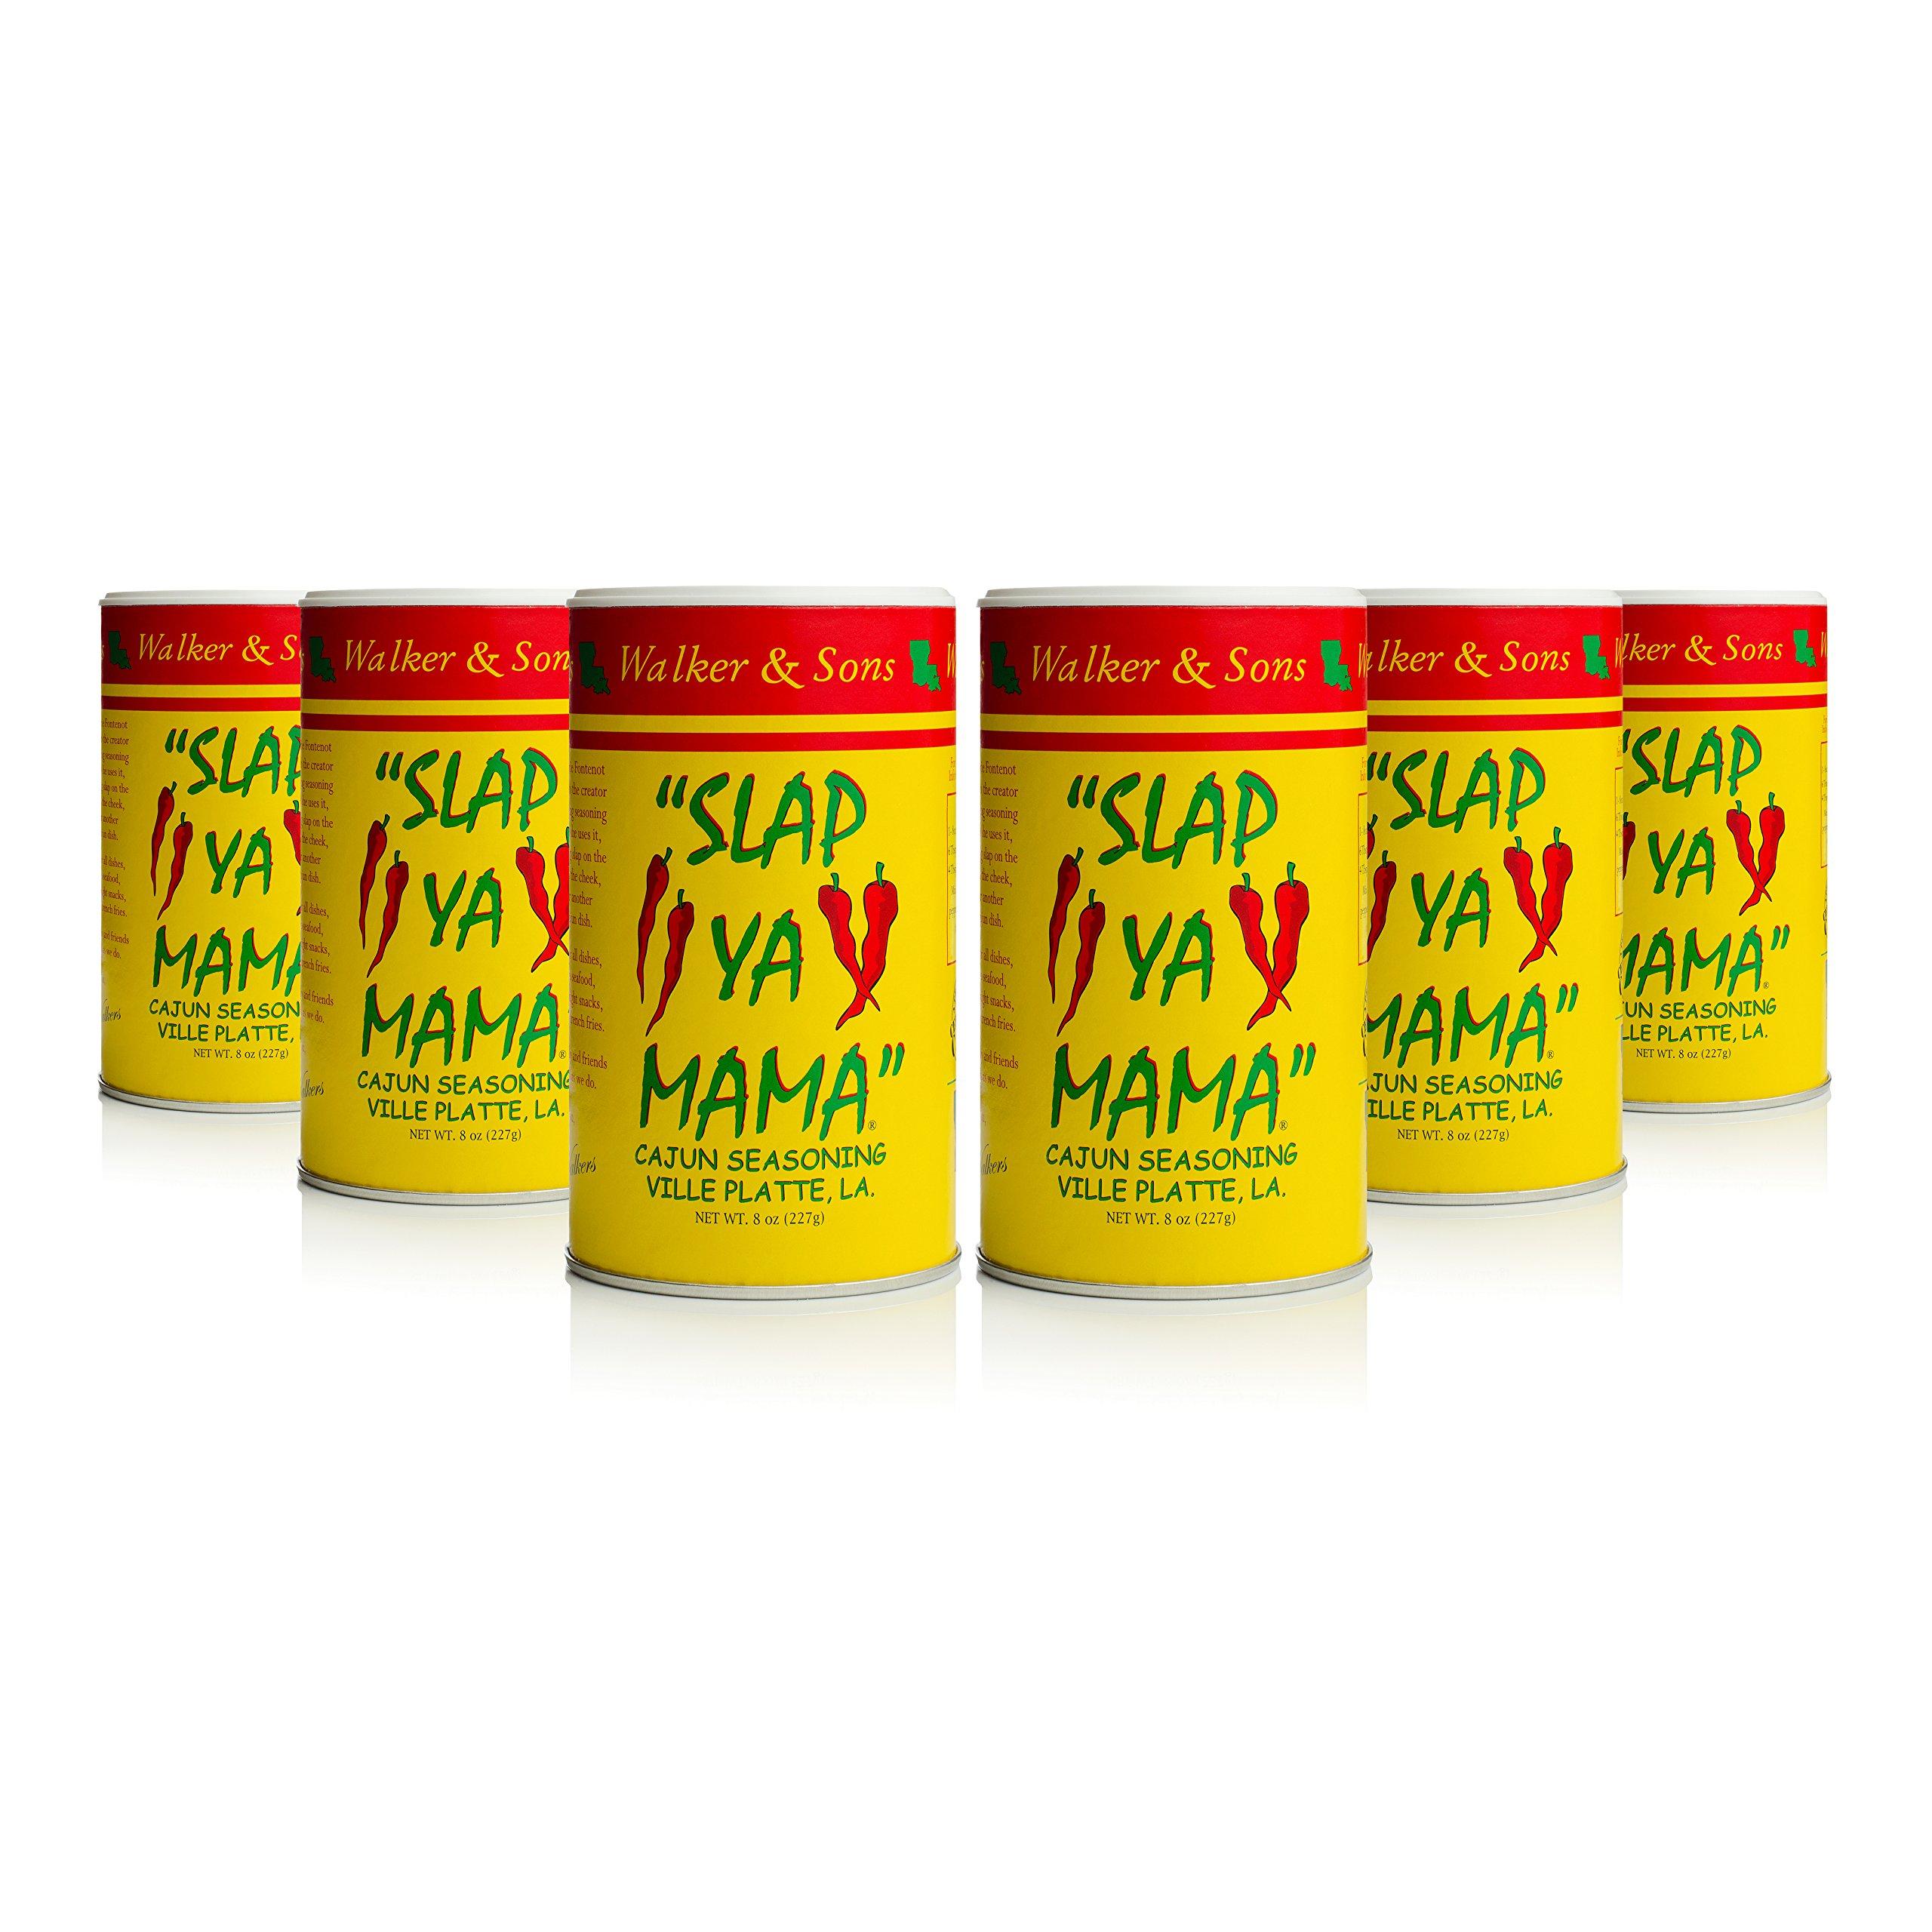 Slap Ya Mama Original Blend Cajun Seasoning 8 oz, Pack of 6